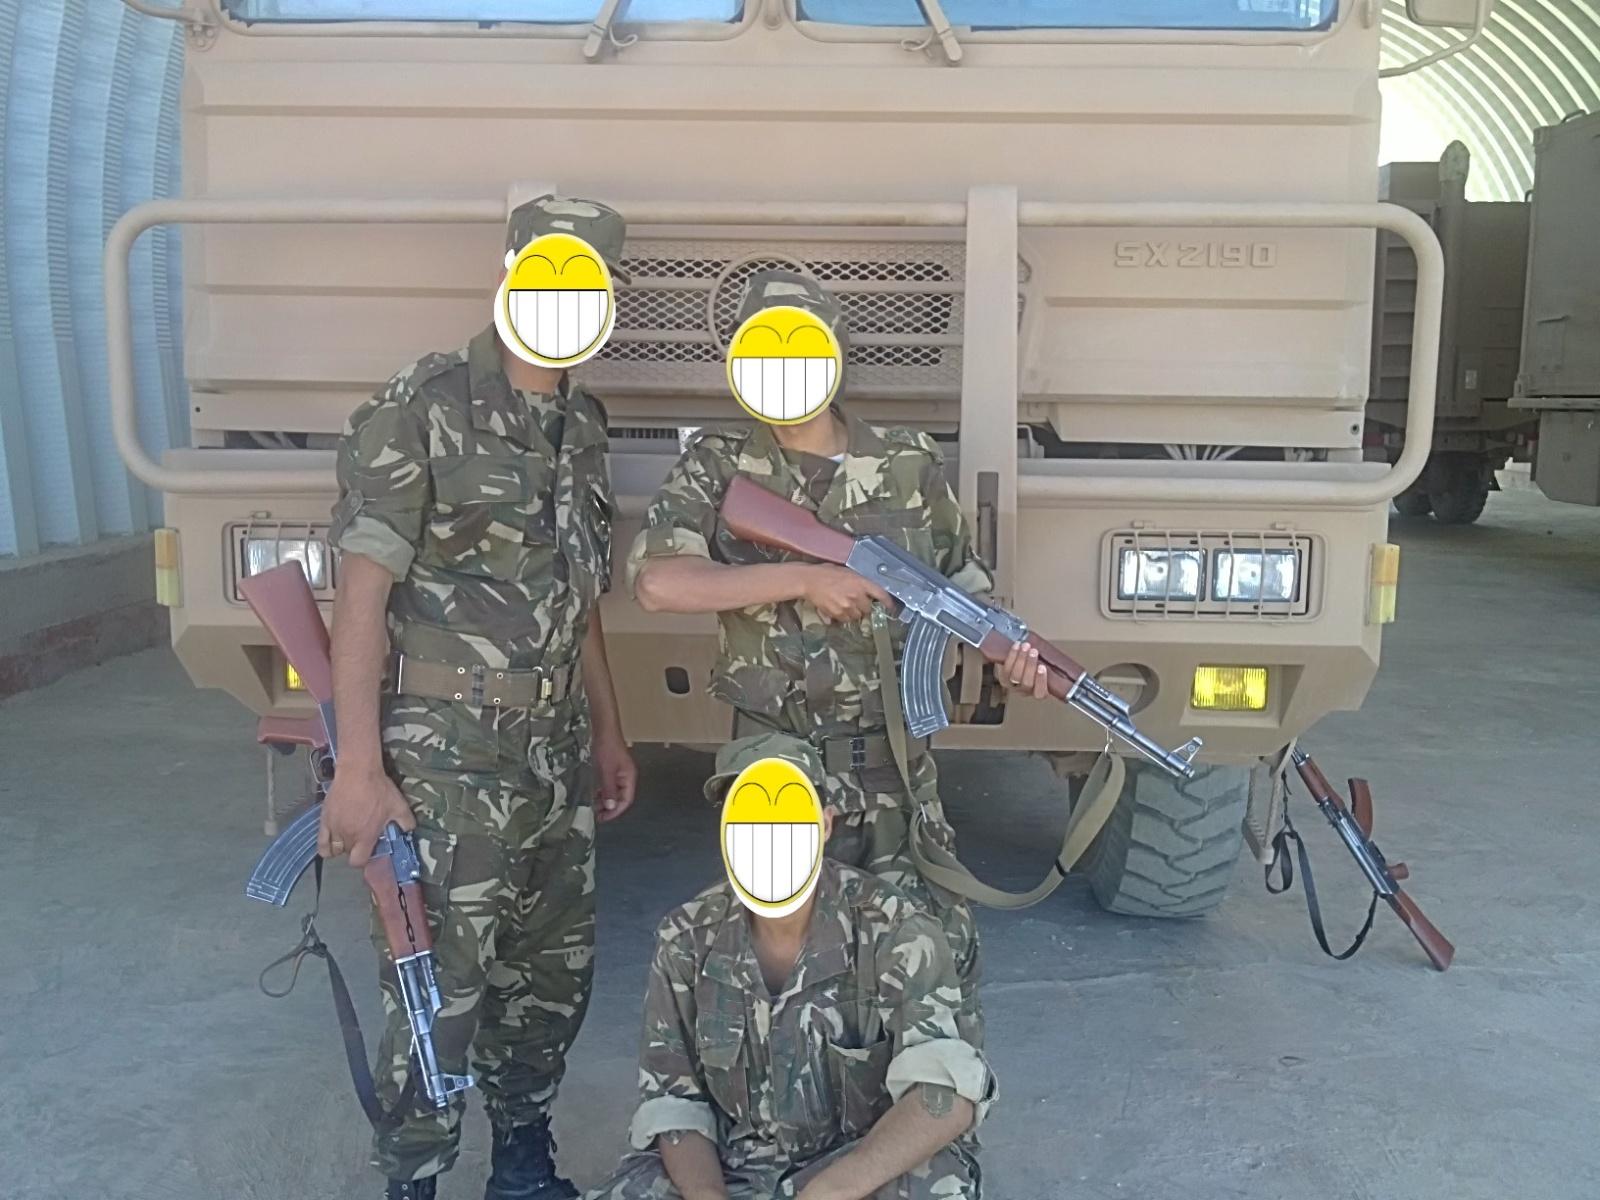 منظومات الحرب الالكترونية الجزائرية [  CEIEC /Electronic Warfare System ]   34159070575_7b4692cb83_o